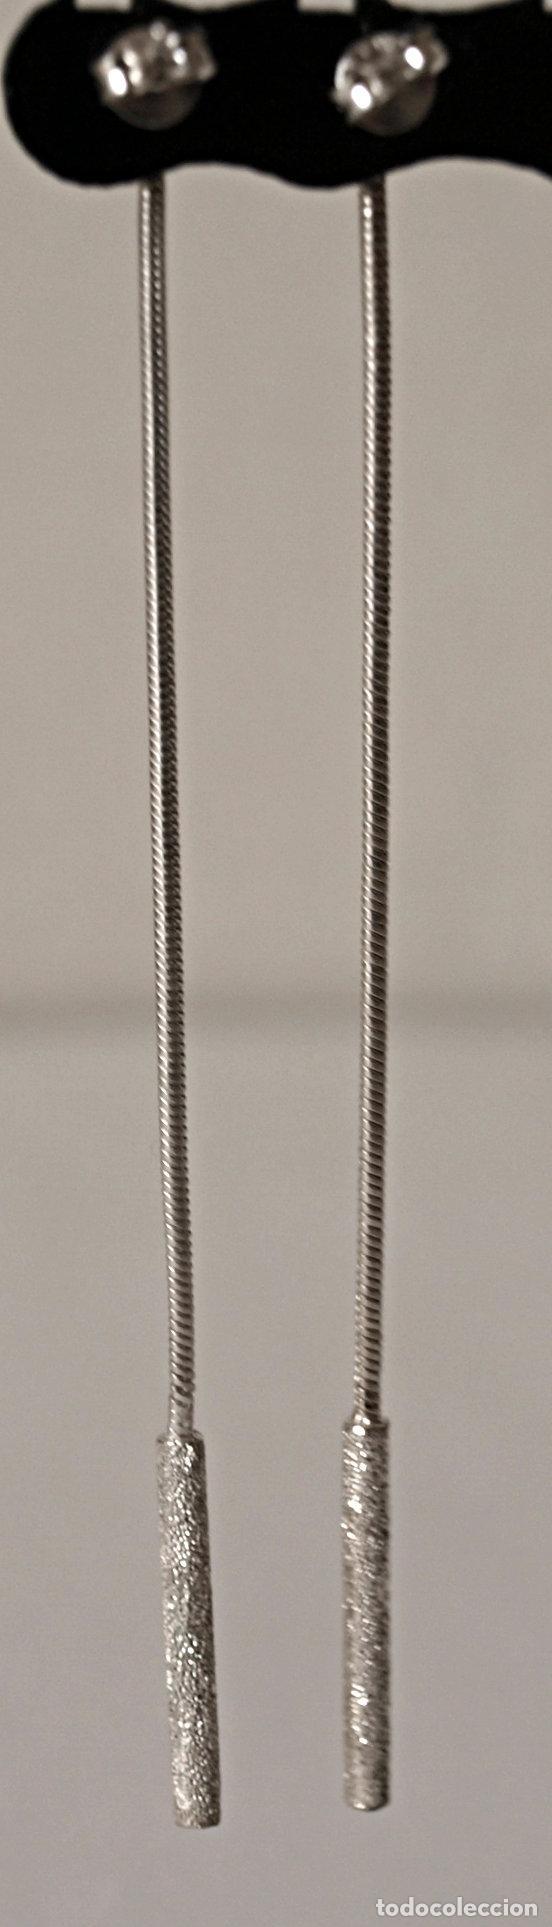 Joyeria: PENDIENTES LARGOS DE PLATA DE LEY CONTRASTADA. 8,4 CM LARGO APROX. VER FOTOS Y DESCRIPCION - Foto 6 - 167638385